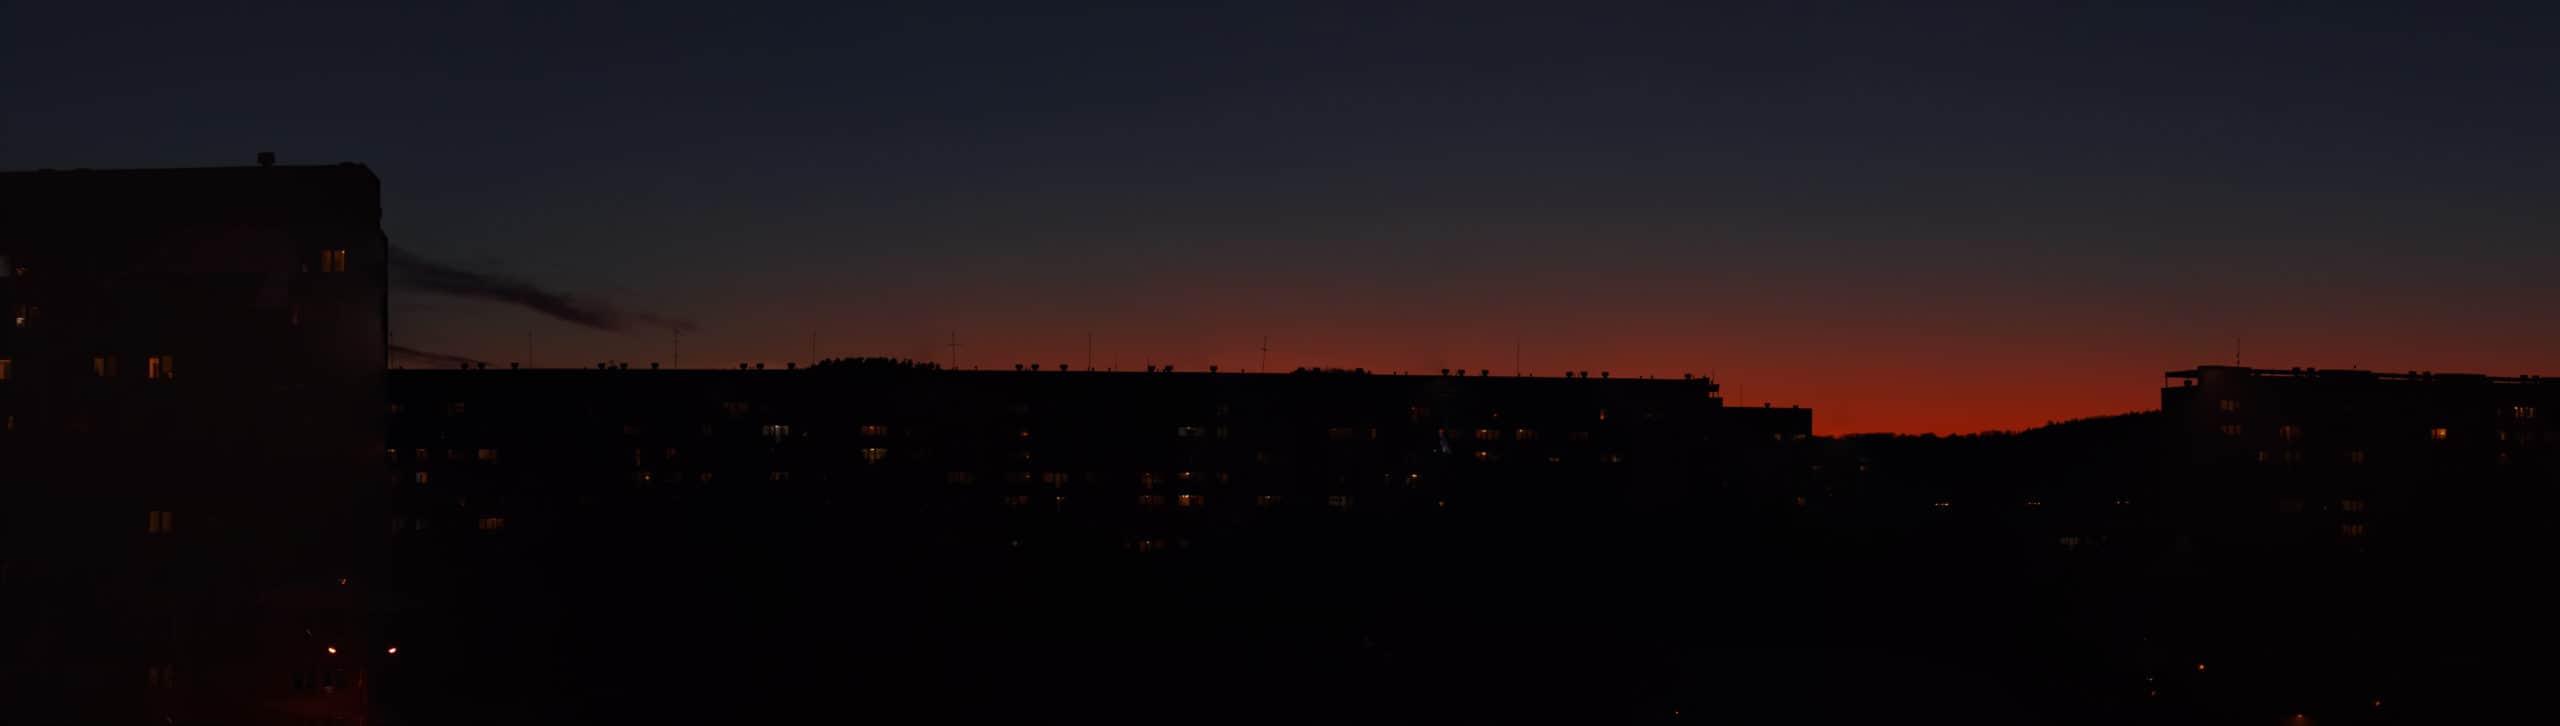 Zachód słońca nad centrum wszechświata czyli Żabiance. Panorama Piotr Kowalski